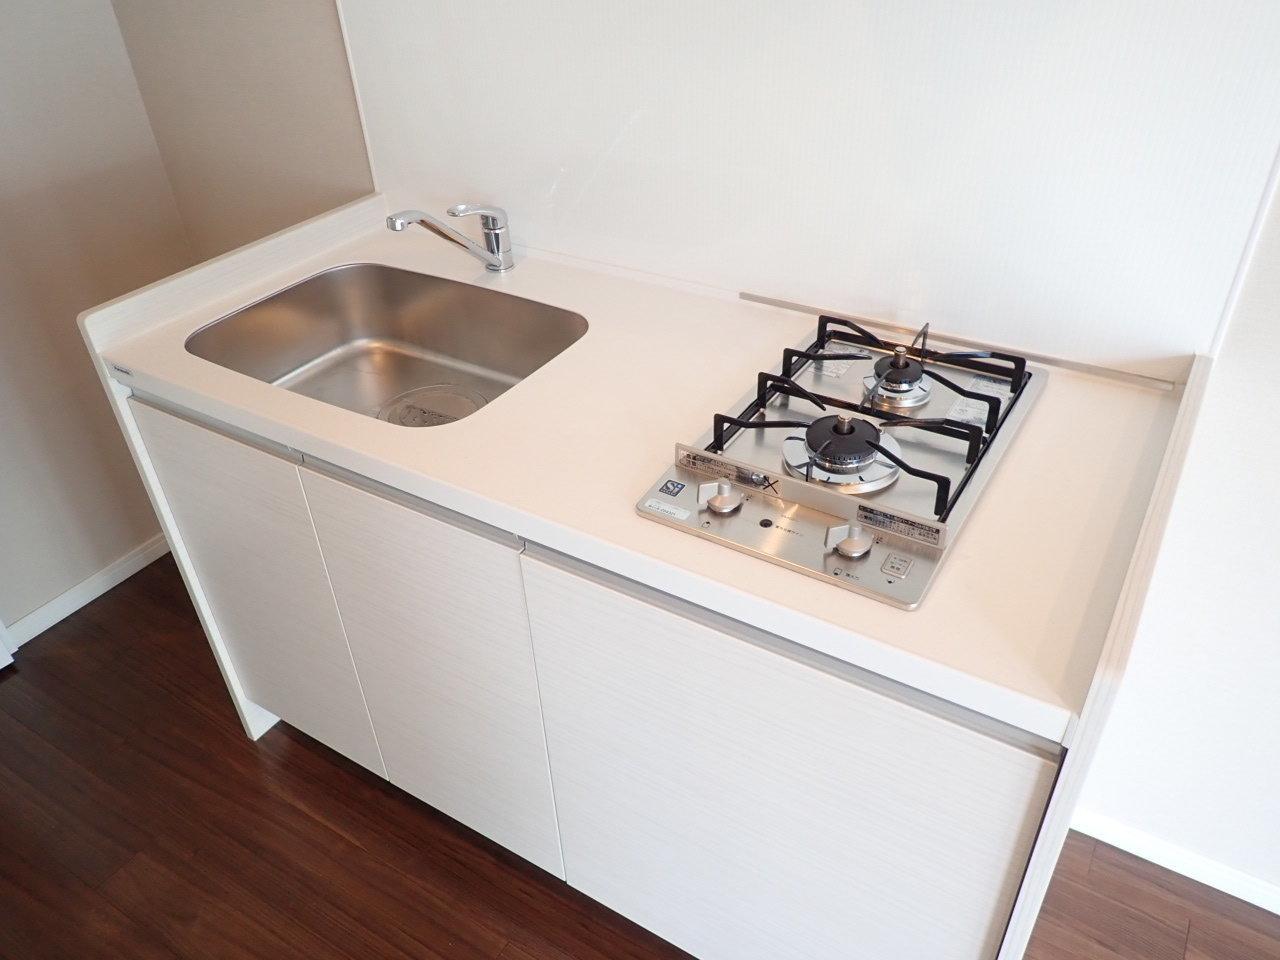 キッチンやバストイレなどの水回りも、きれいで使いやすそう!場所によって異なるアクセントクロスもチェックしてみてください。